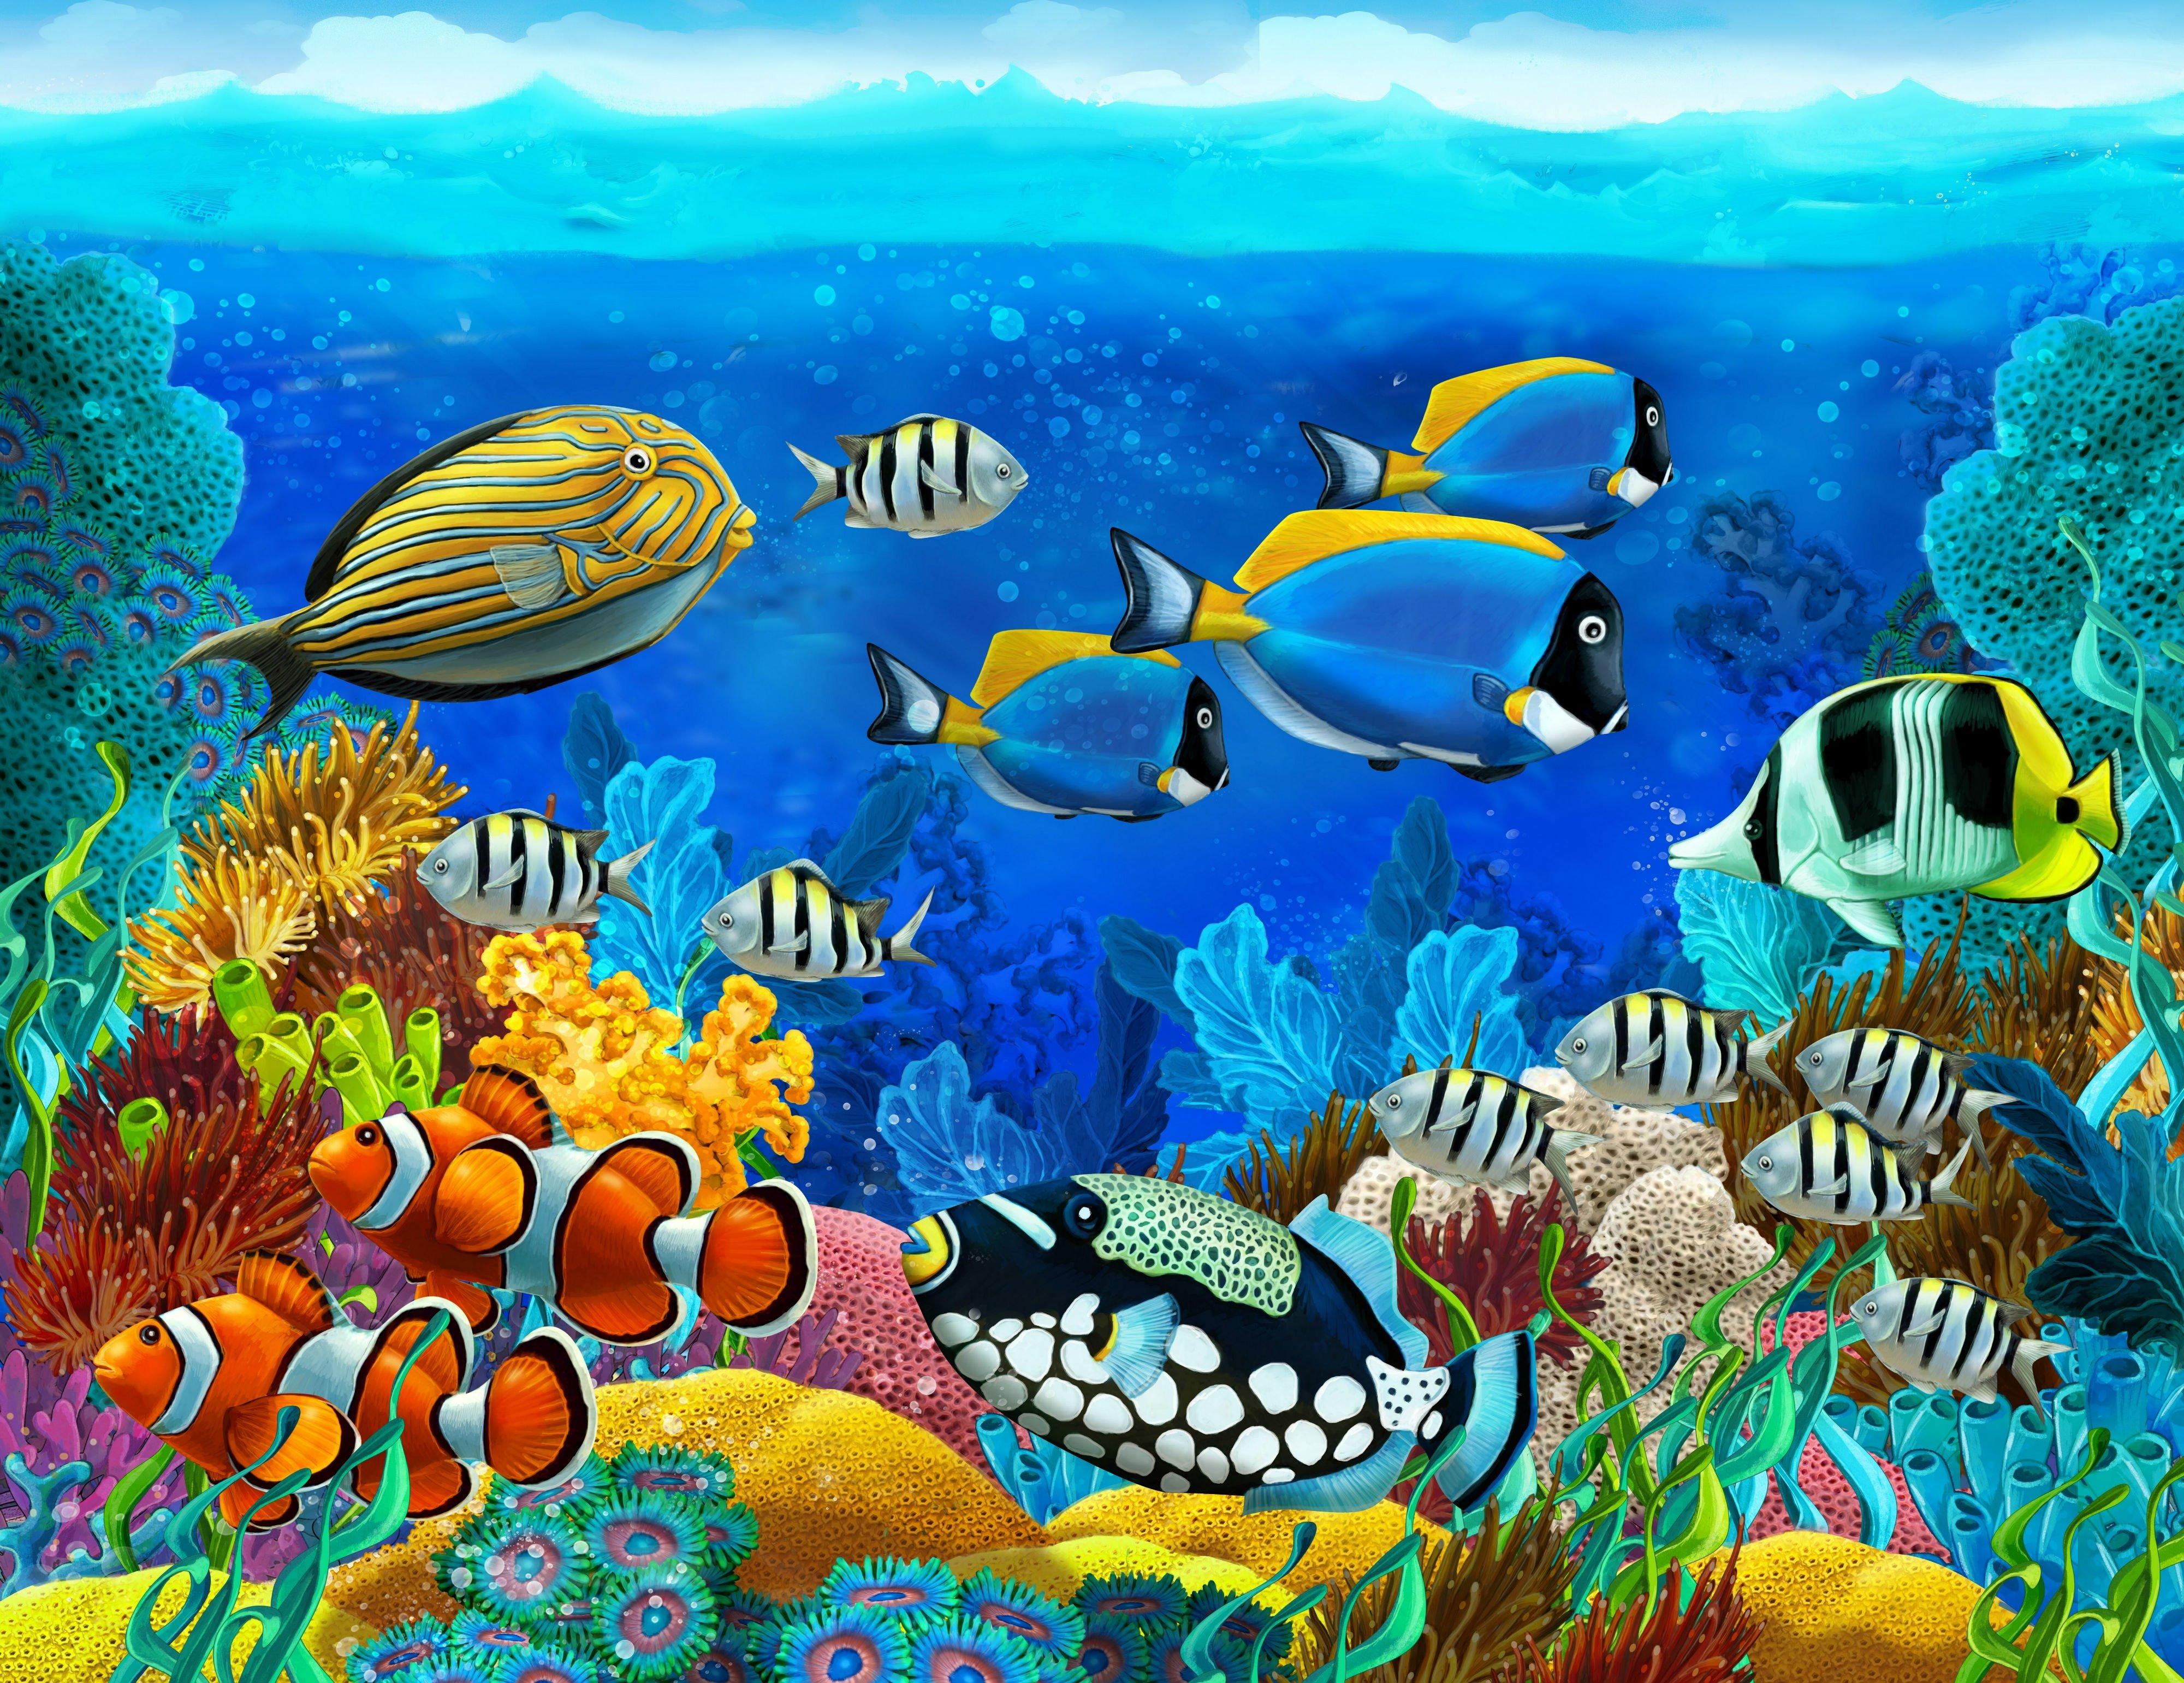 Underwater fish wallpaper wallpapersafari for Mural hidupan laut